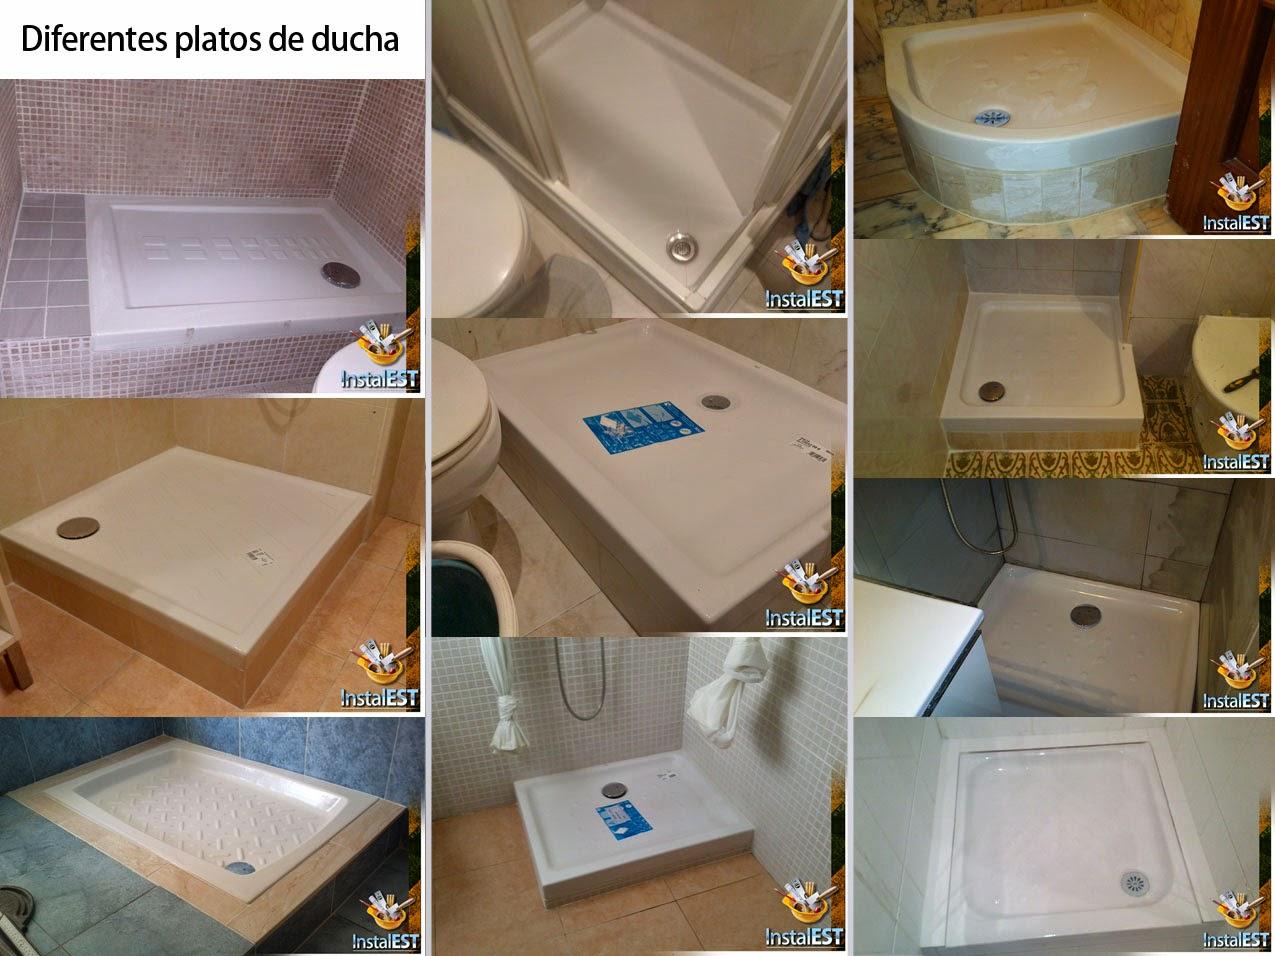 Oferta verano 2014 cambio ba era por plato de ducha por for Ofertas platos de ducha